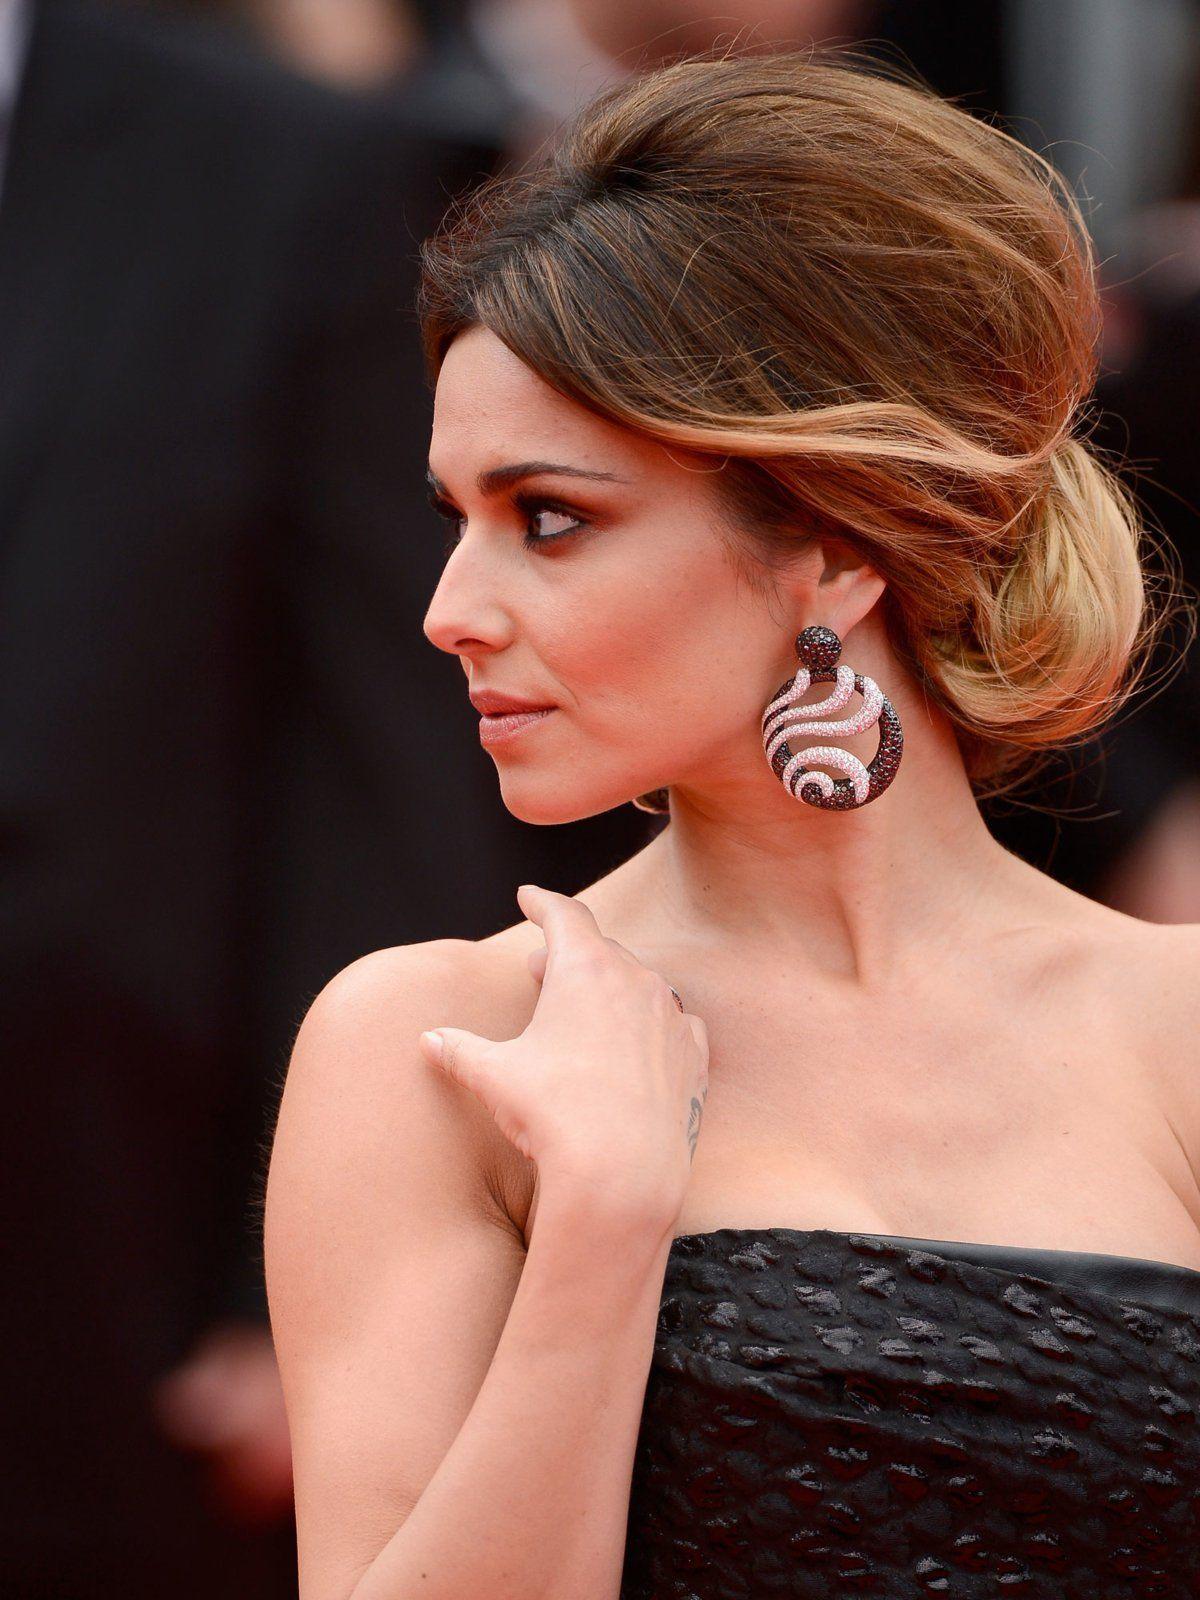 Antoupierte Hochsteckfrisur Bilder Jolie Klassische Hochsteckfrisur Frisuren Klassische Hochsteckfrisur Frisur Hochgesteckt